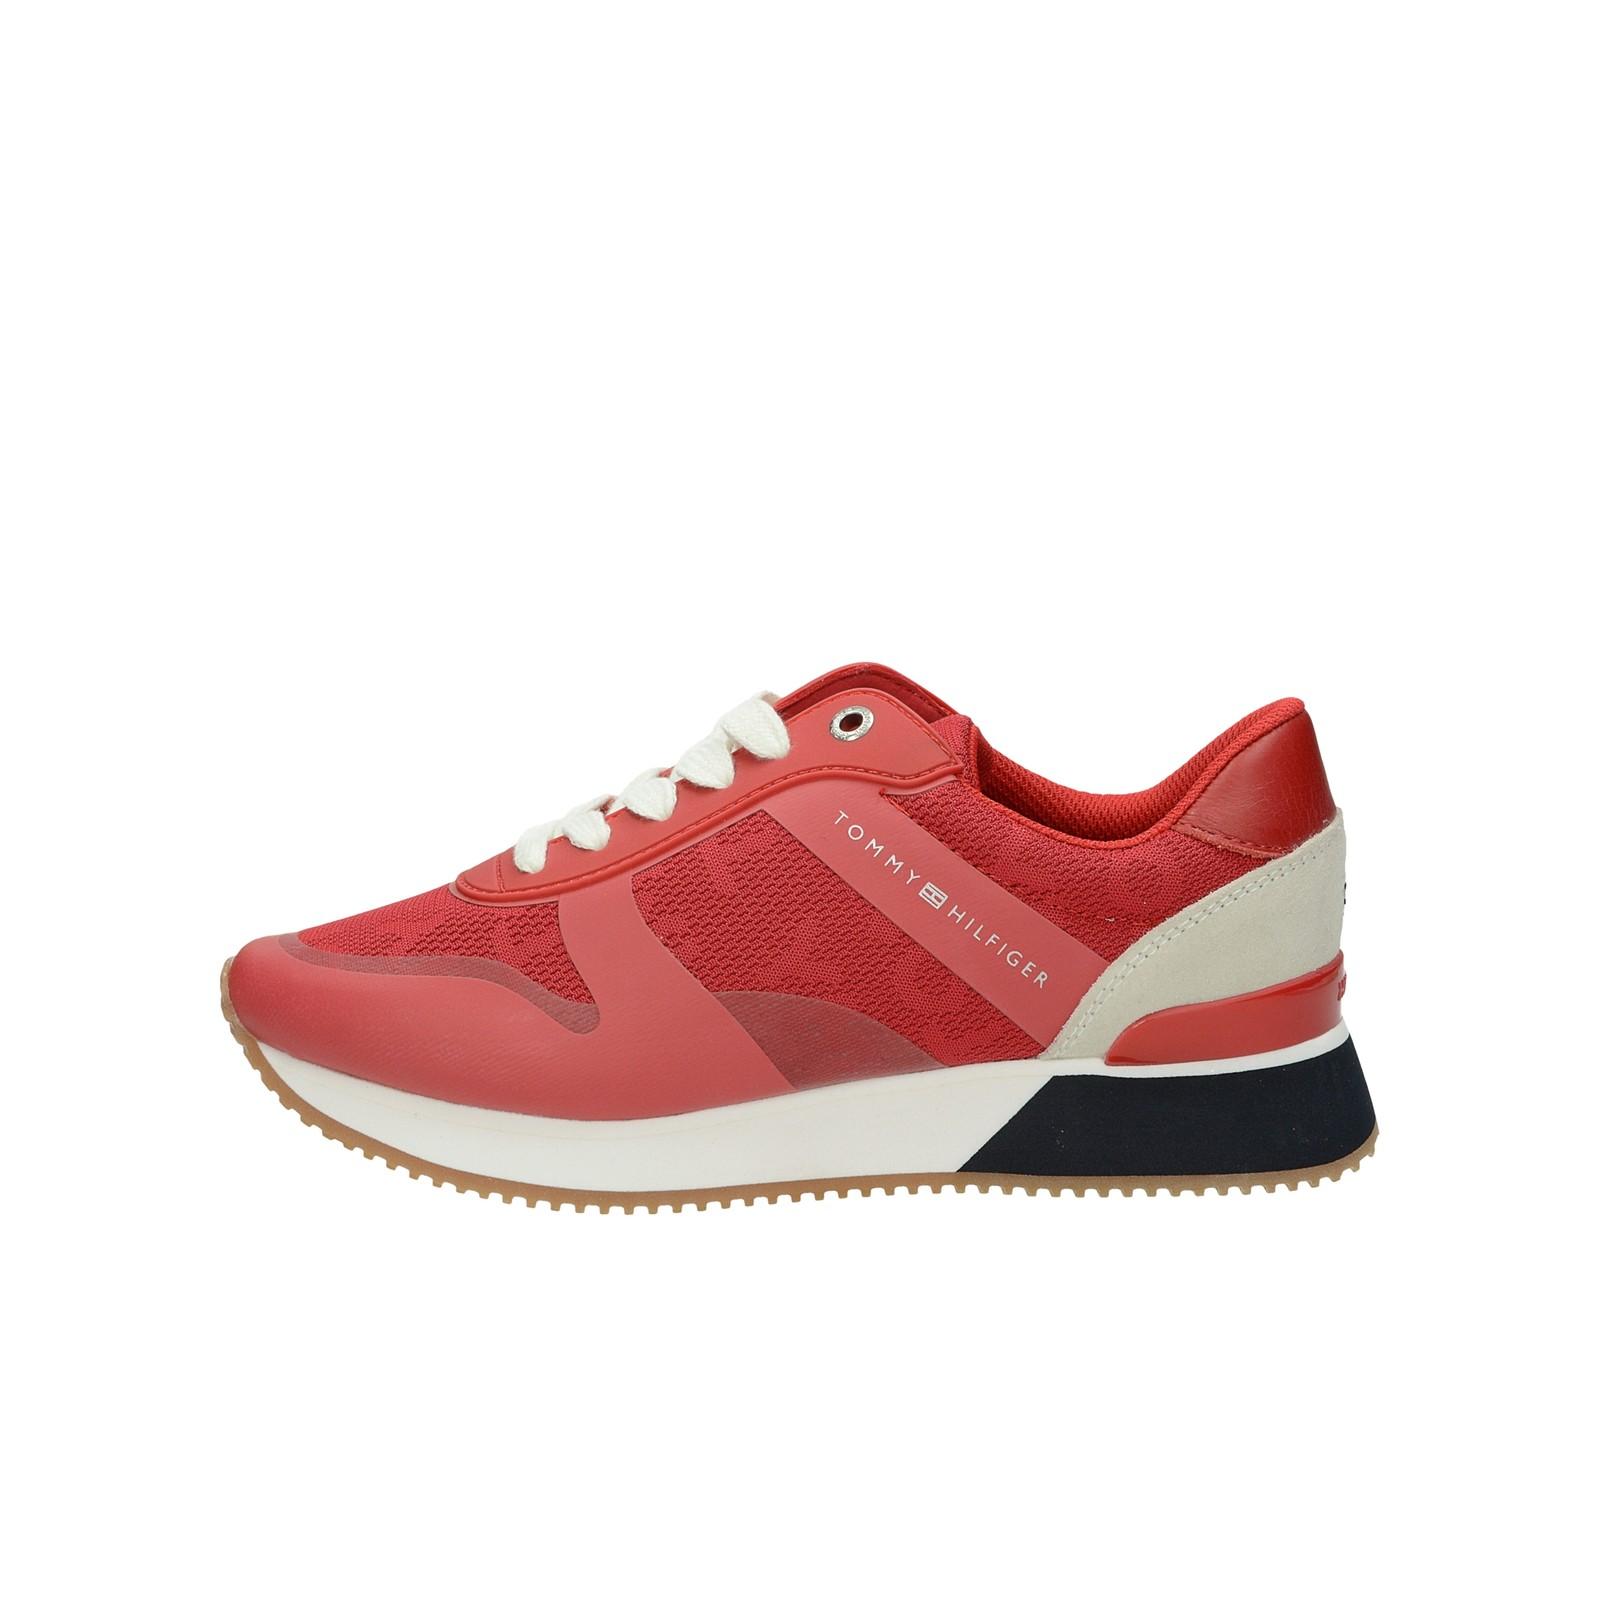 7fd1a8600f ... Tommy Hilfiger dámske štýlové tenisky - červené ...